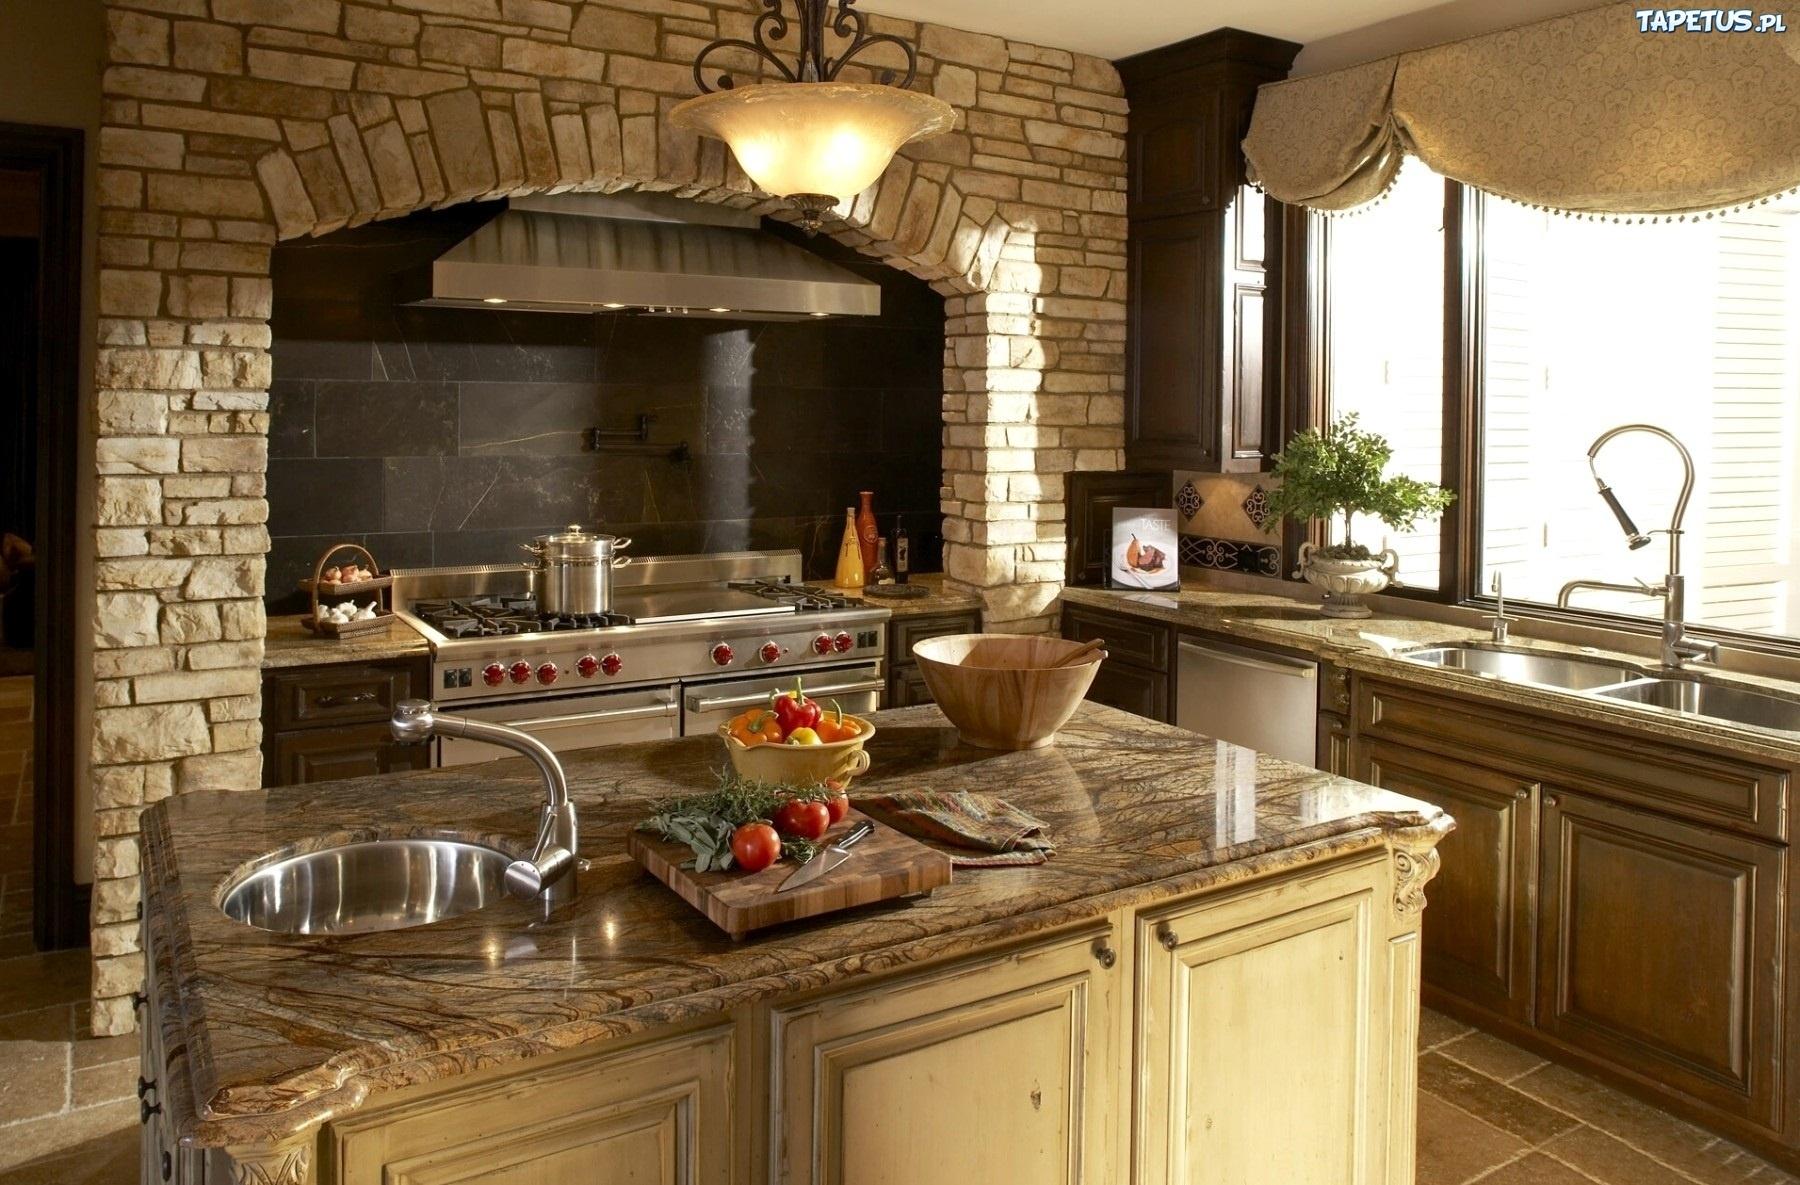 wnętrze domu kuchnia meble wyposażenie